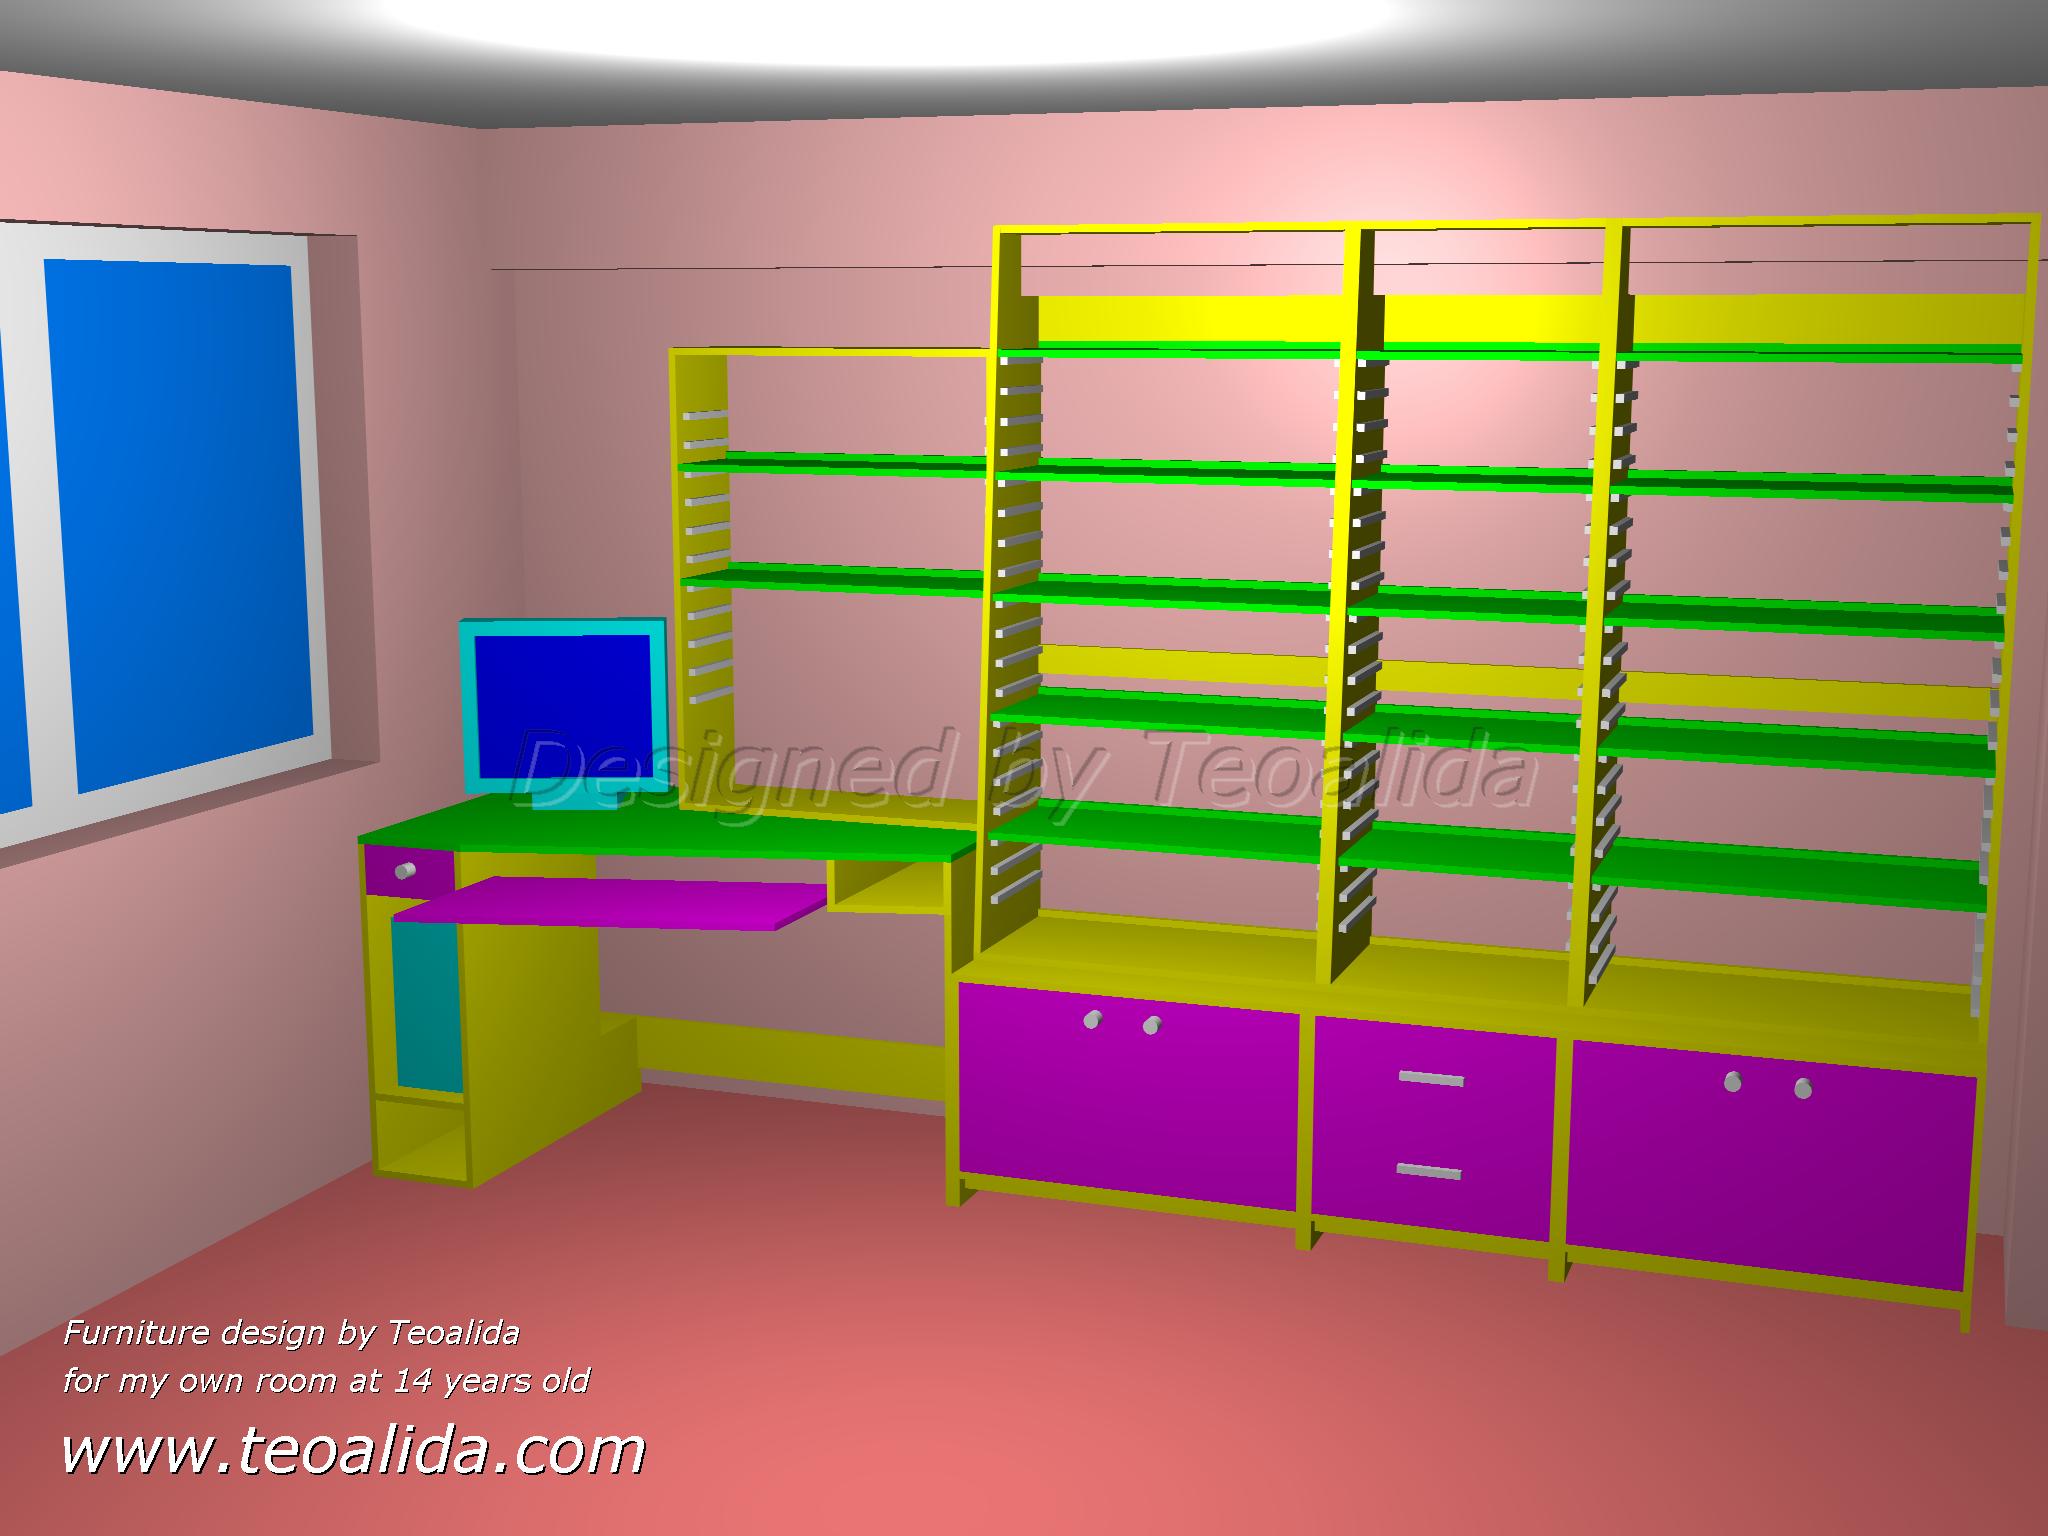 interior design furniture models teoalida website